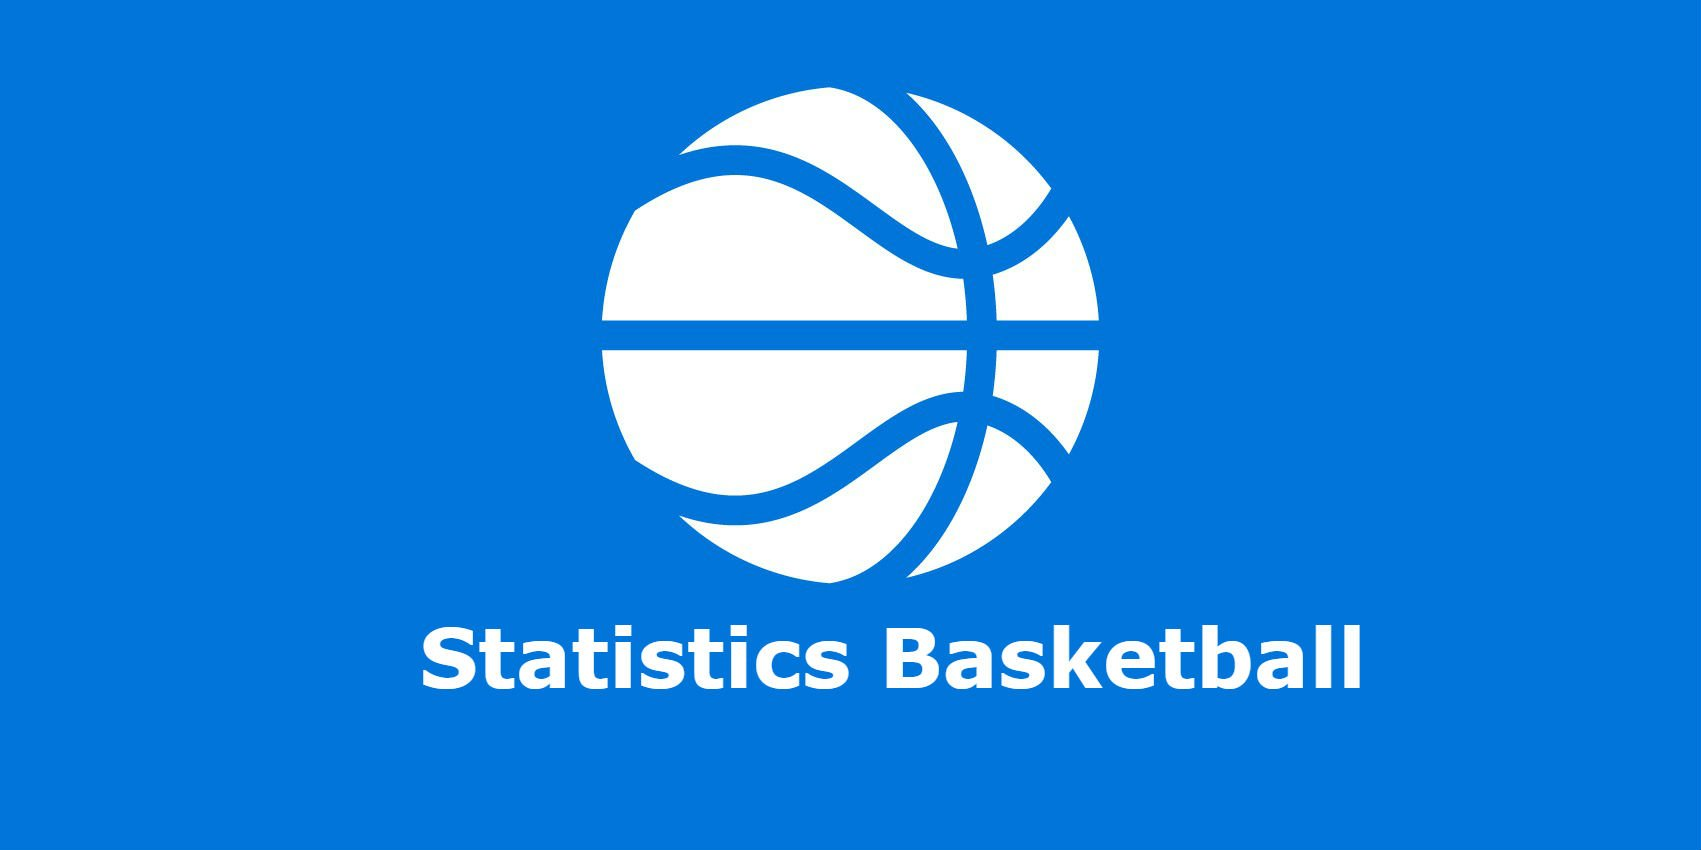 Kakie bukmekery predlagayut luchshuyu rospis na statistiku v basketbole